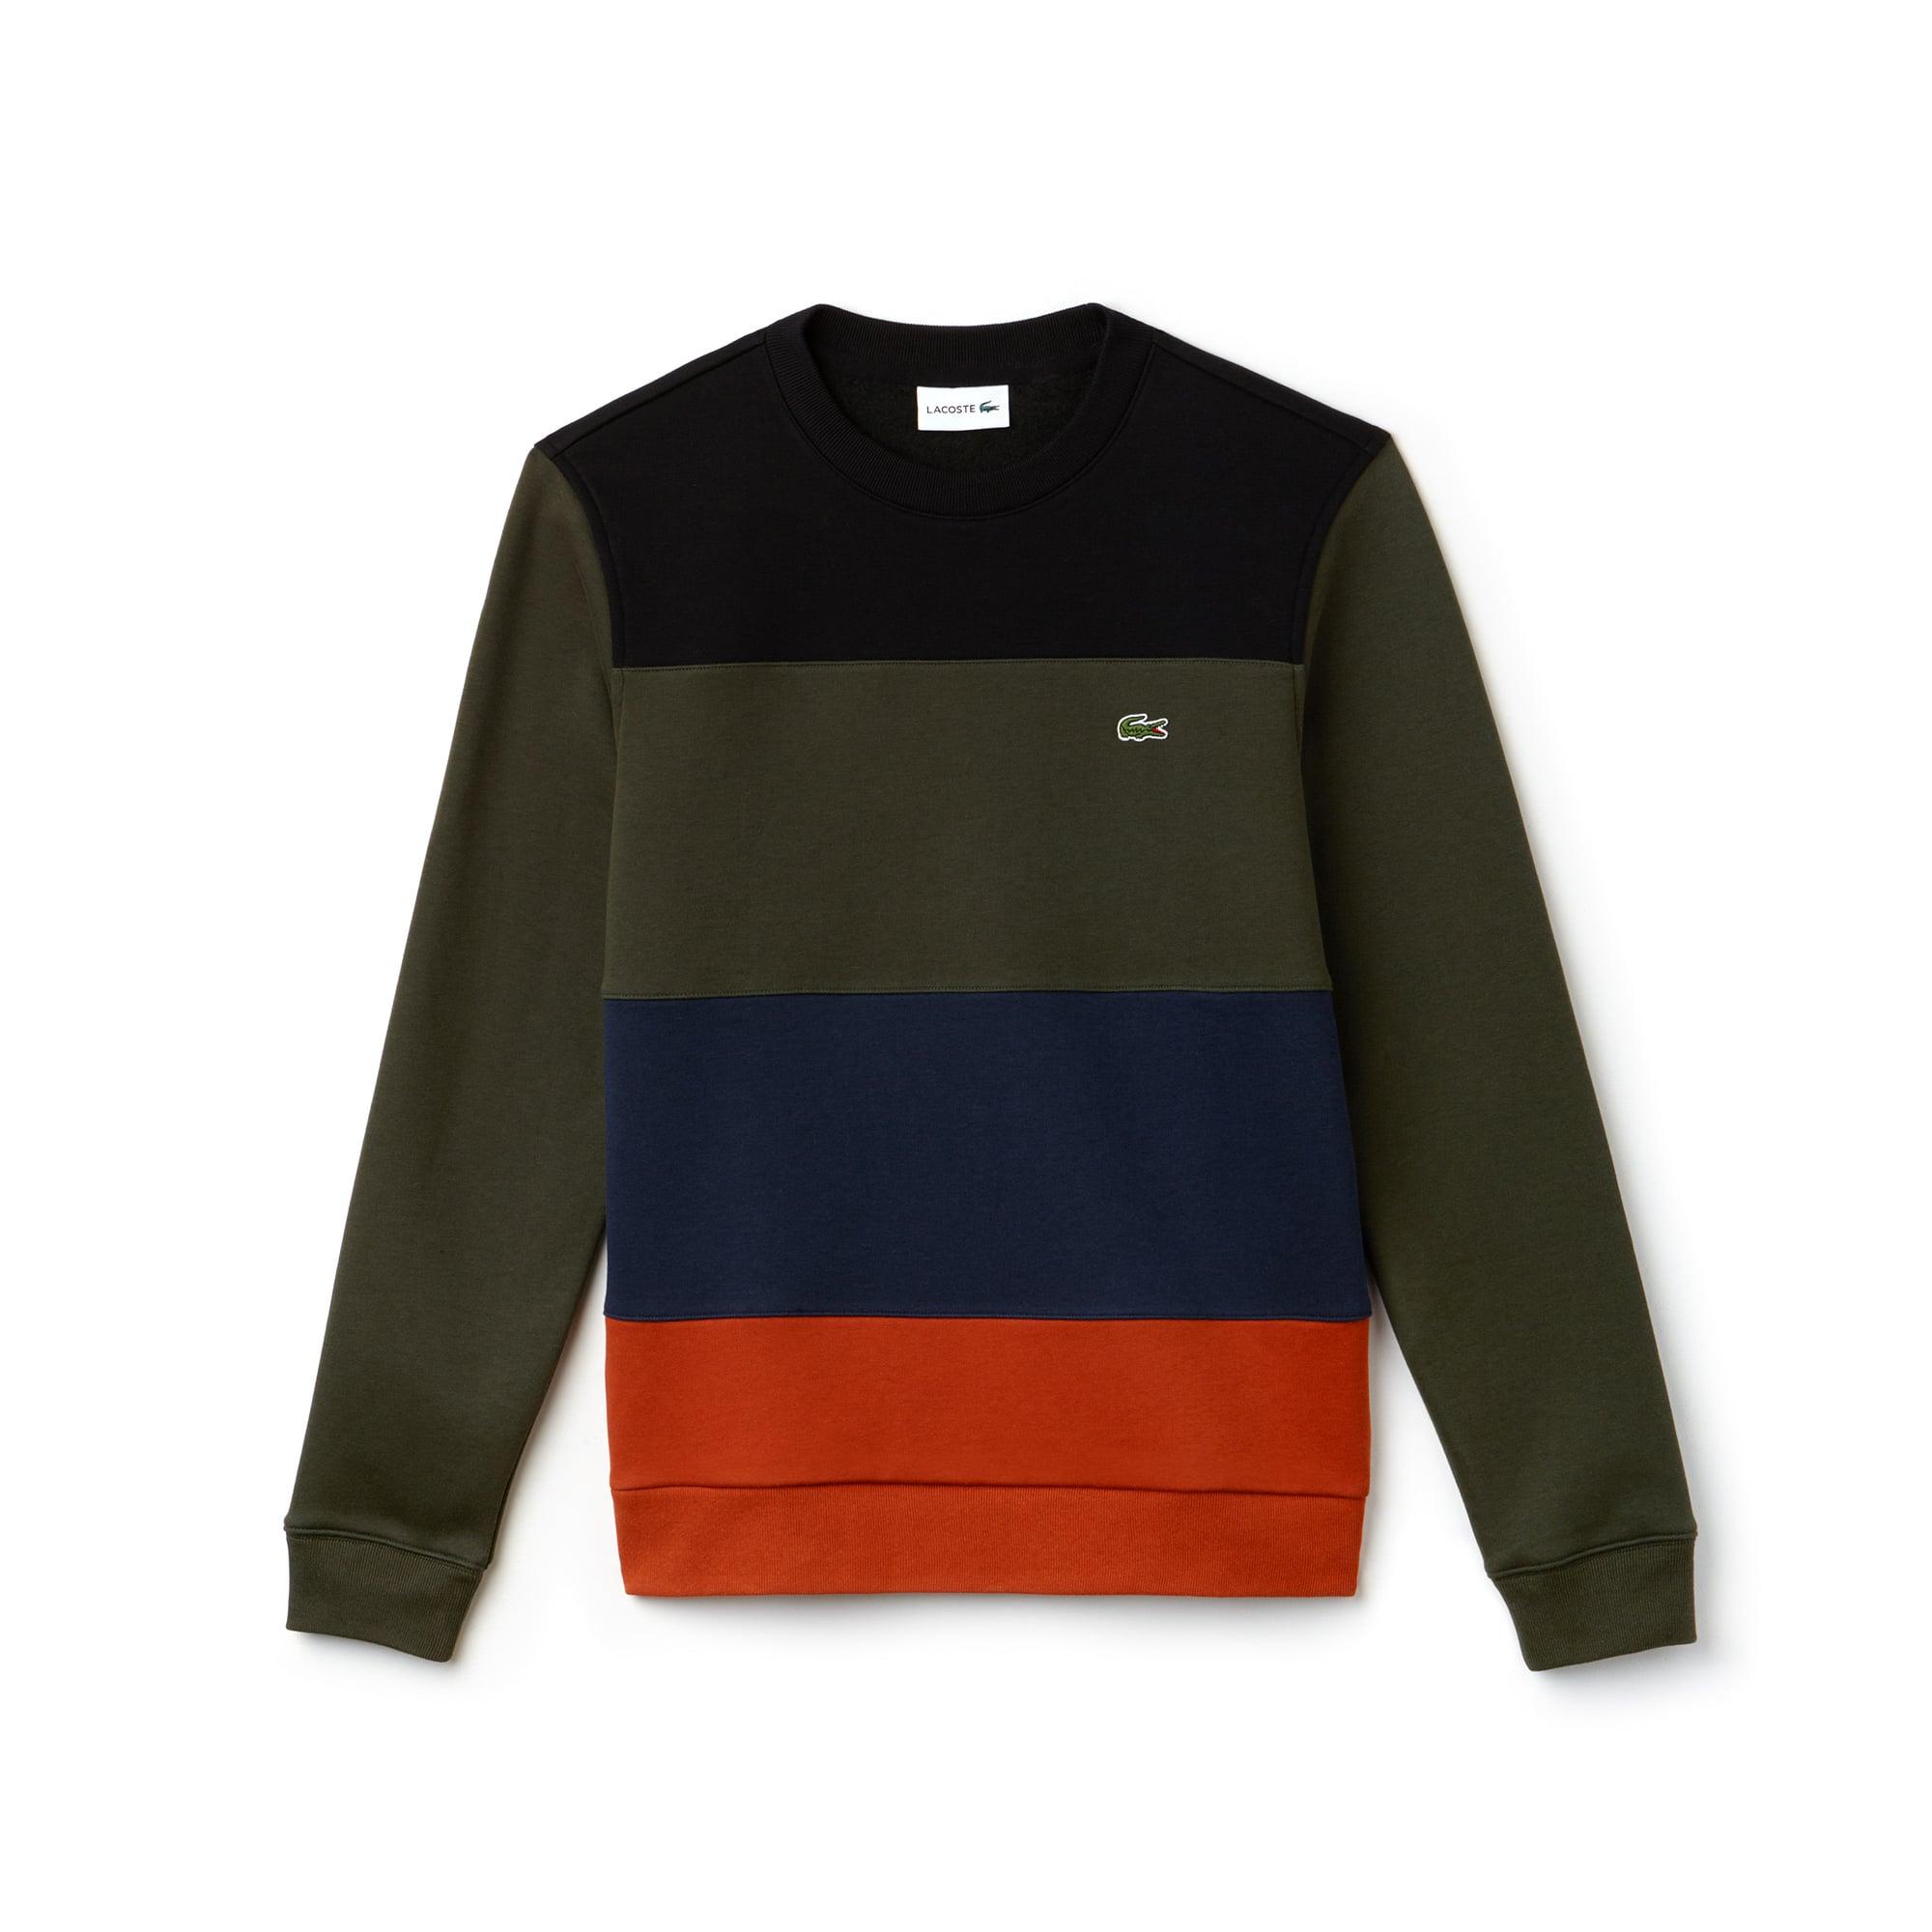 Herren Sweatshirt aus Fleece im Colorblock-Design